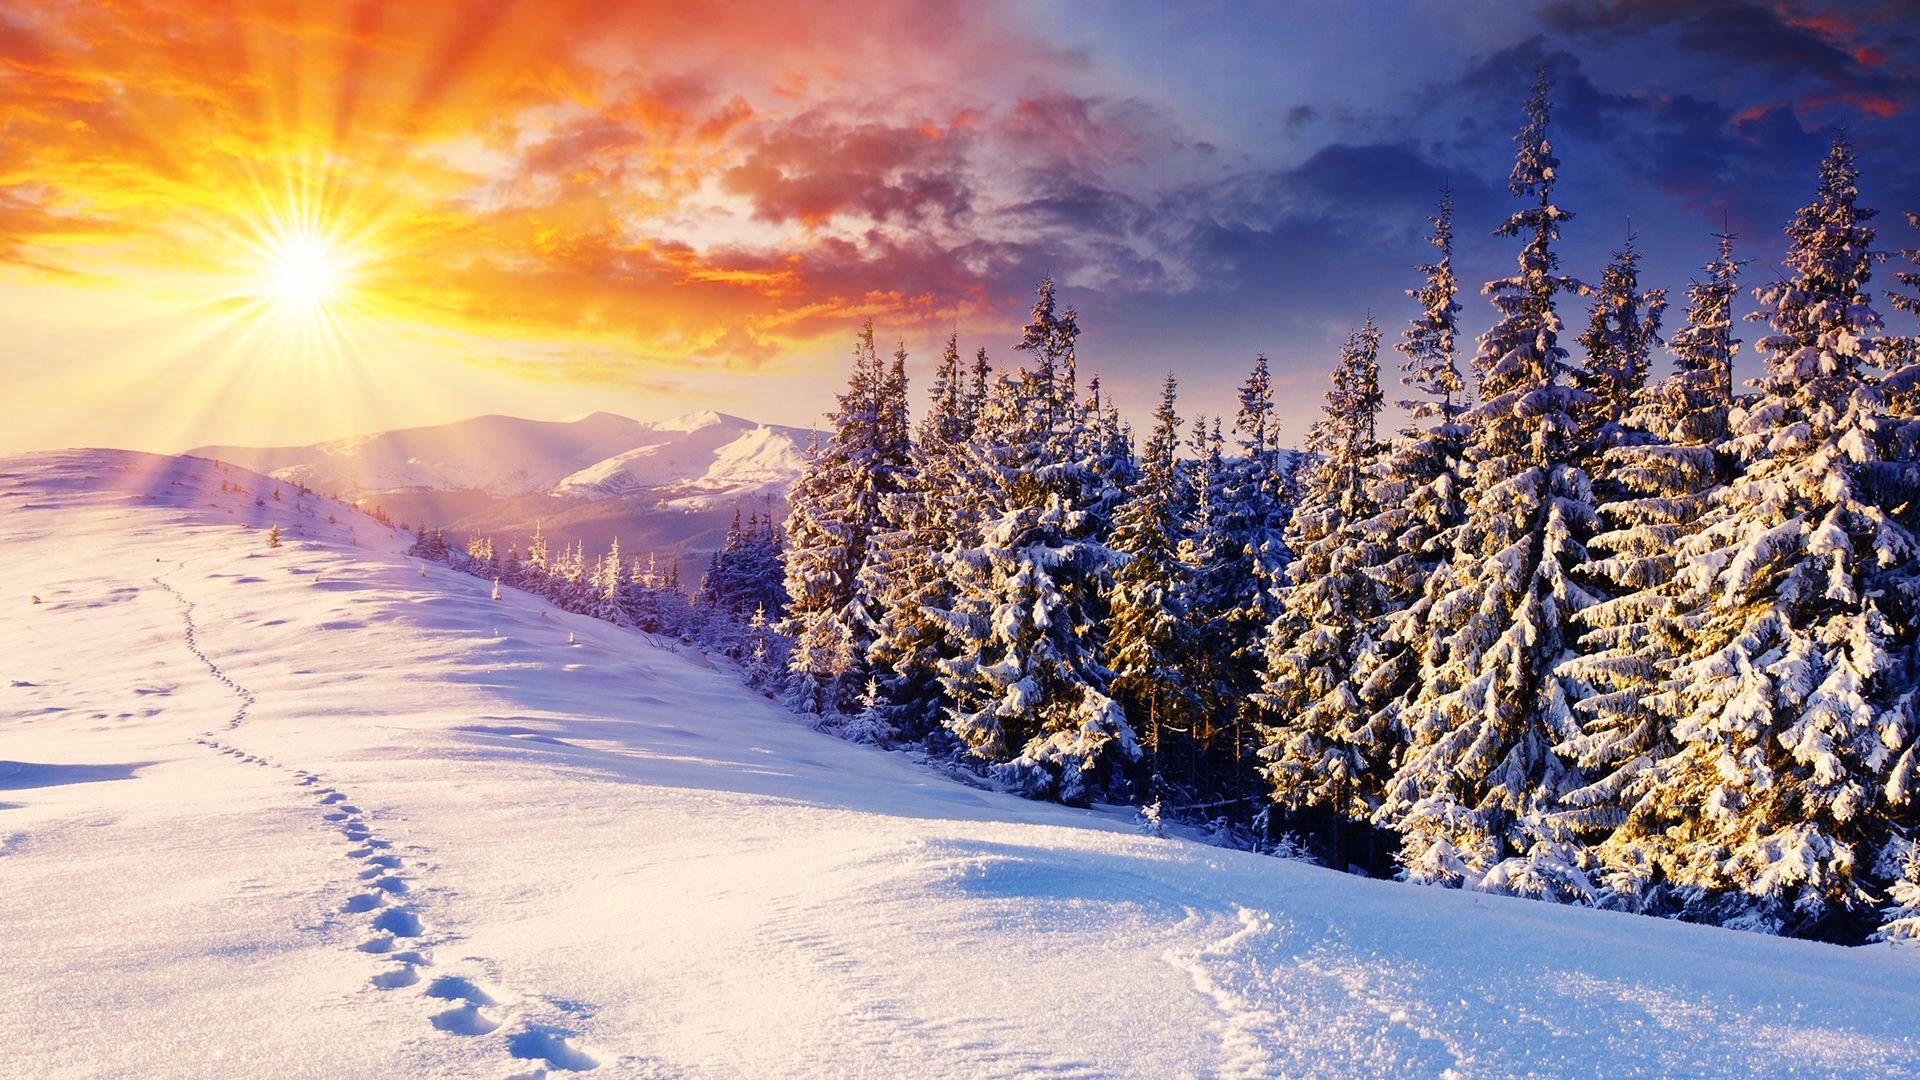 ảnh bìa mùa đông cho facebook